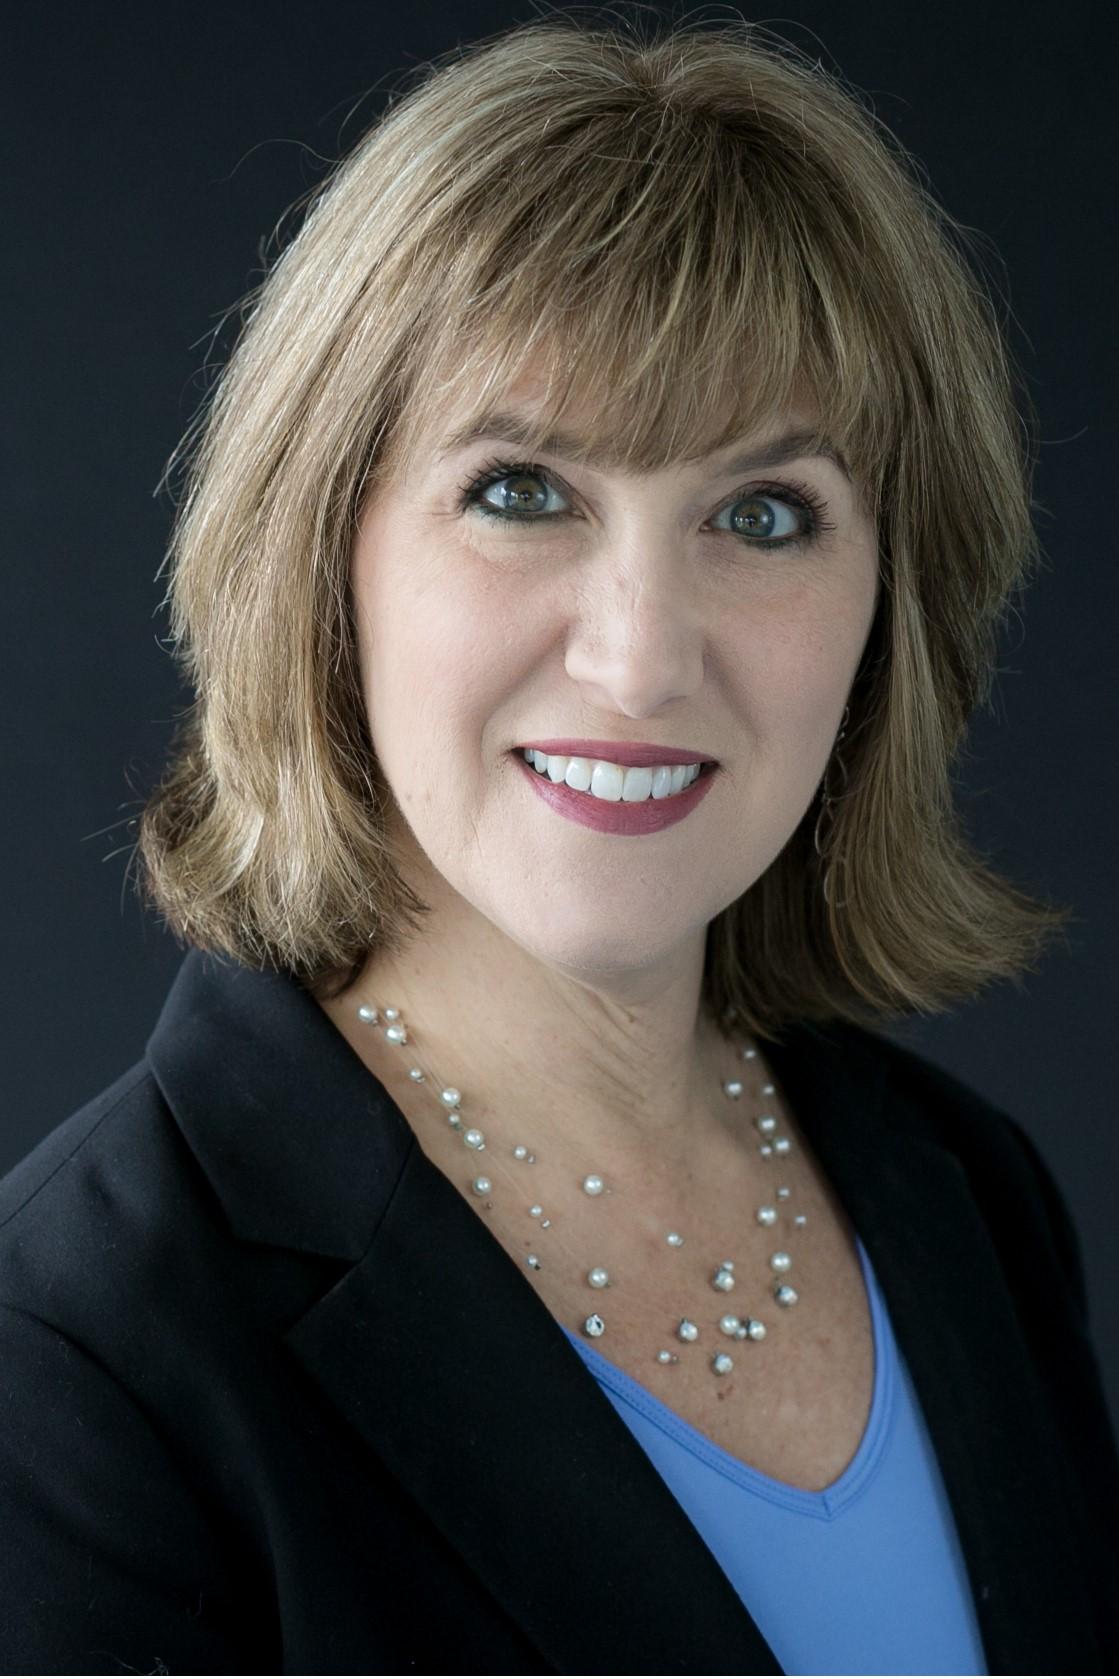 A headshot of Melissa Kass